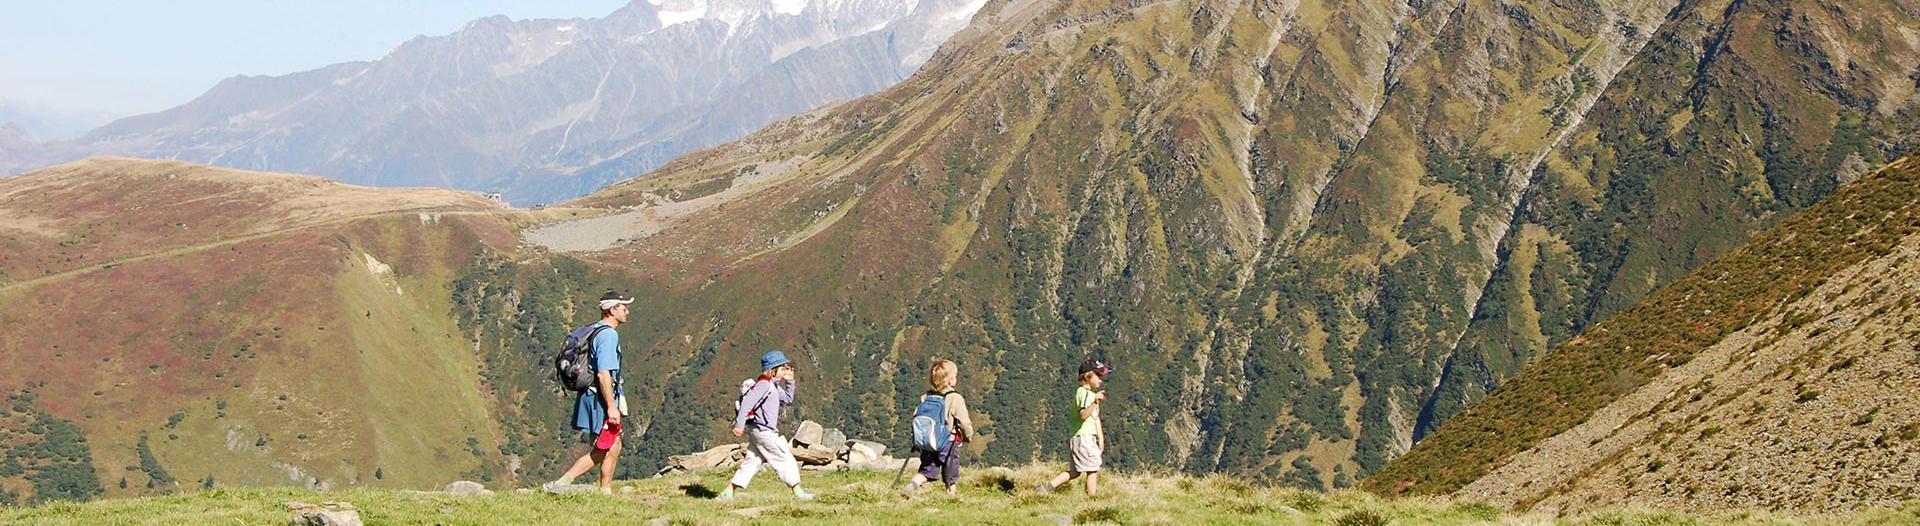 slider-region-rhone-alpes-haute-savoie